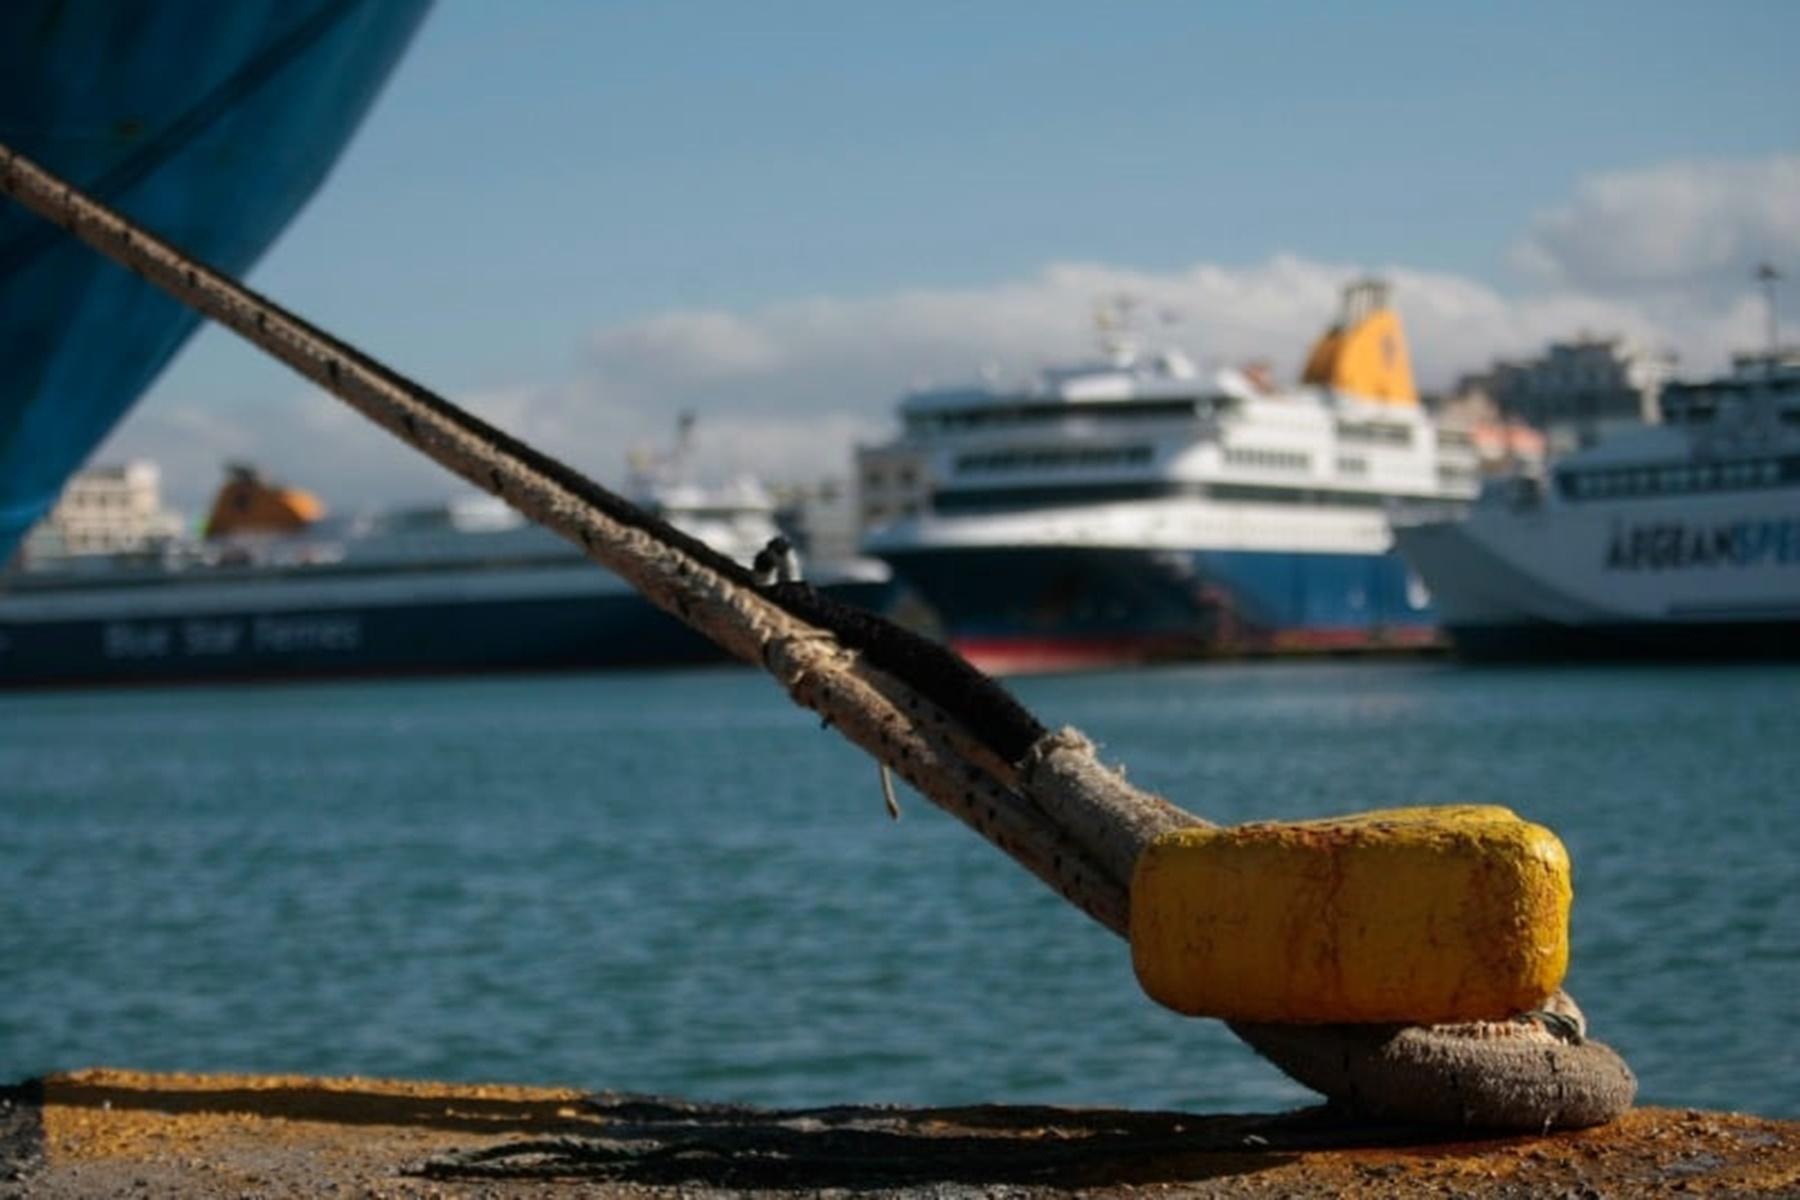 24ώρη απεργία : Δεμένα τα πλοία στα λιμάνια 06/05/21